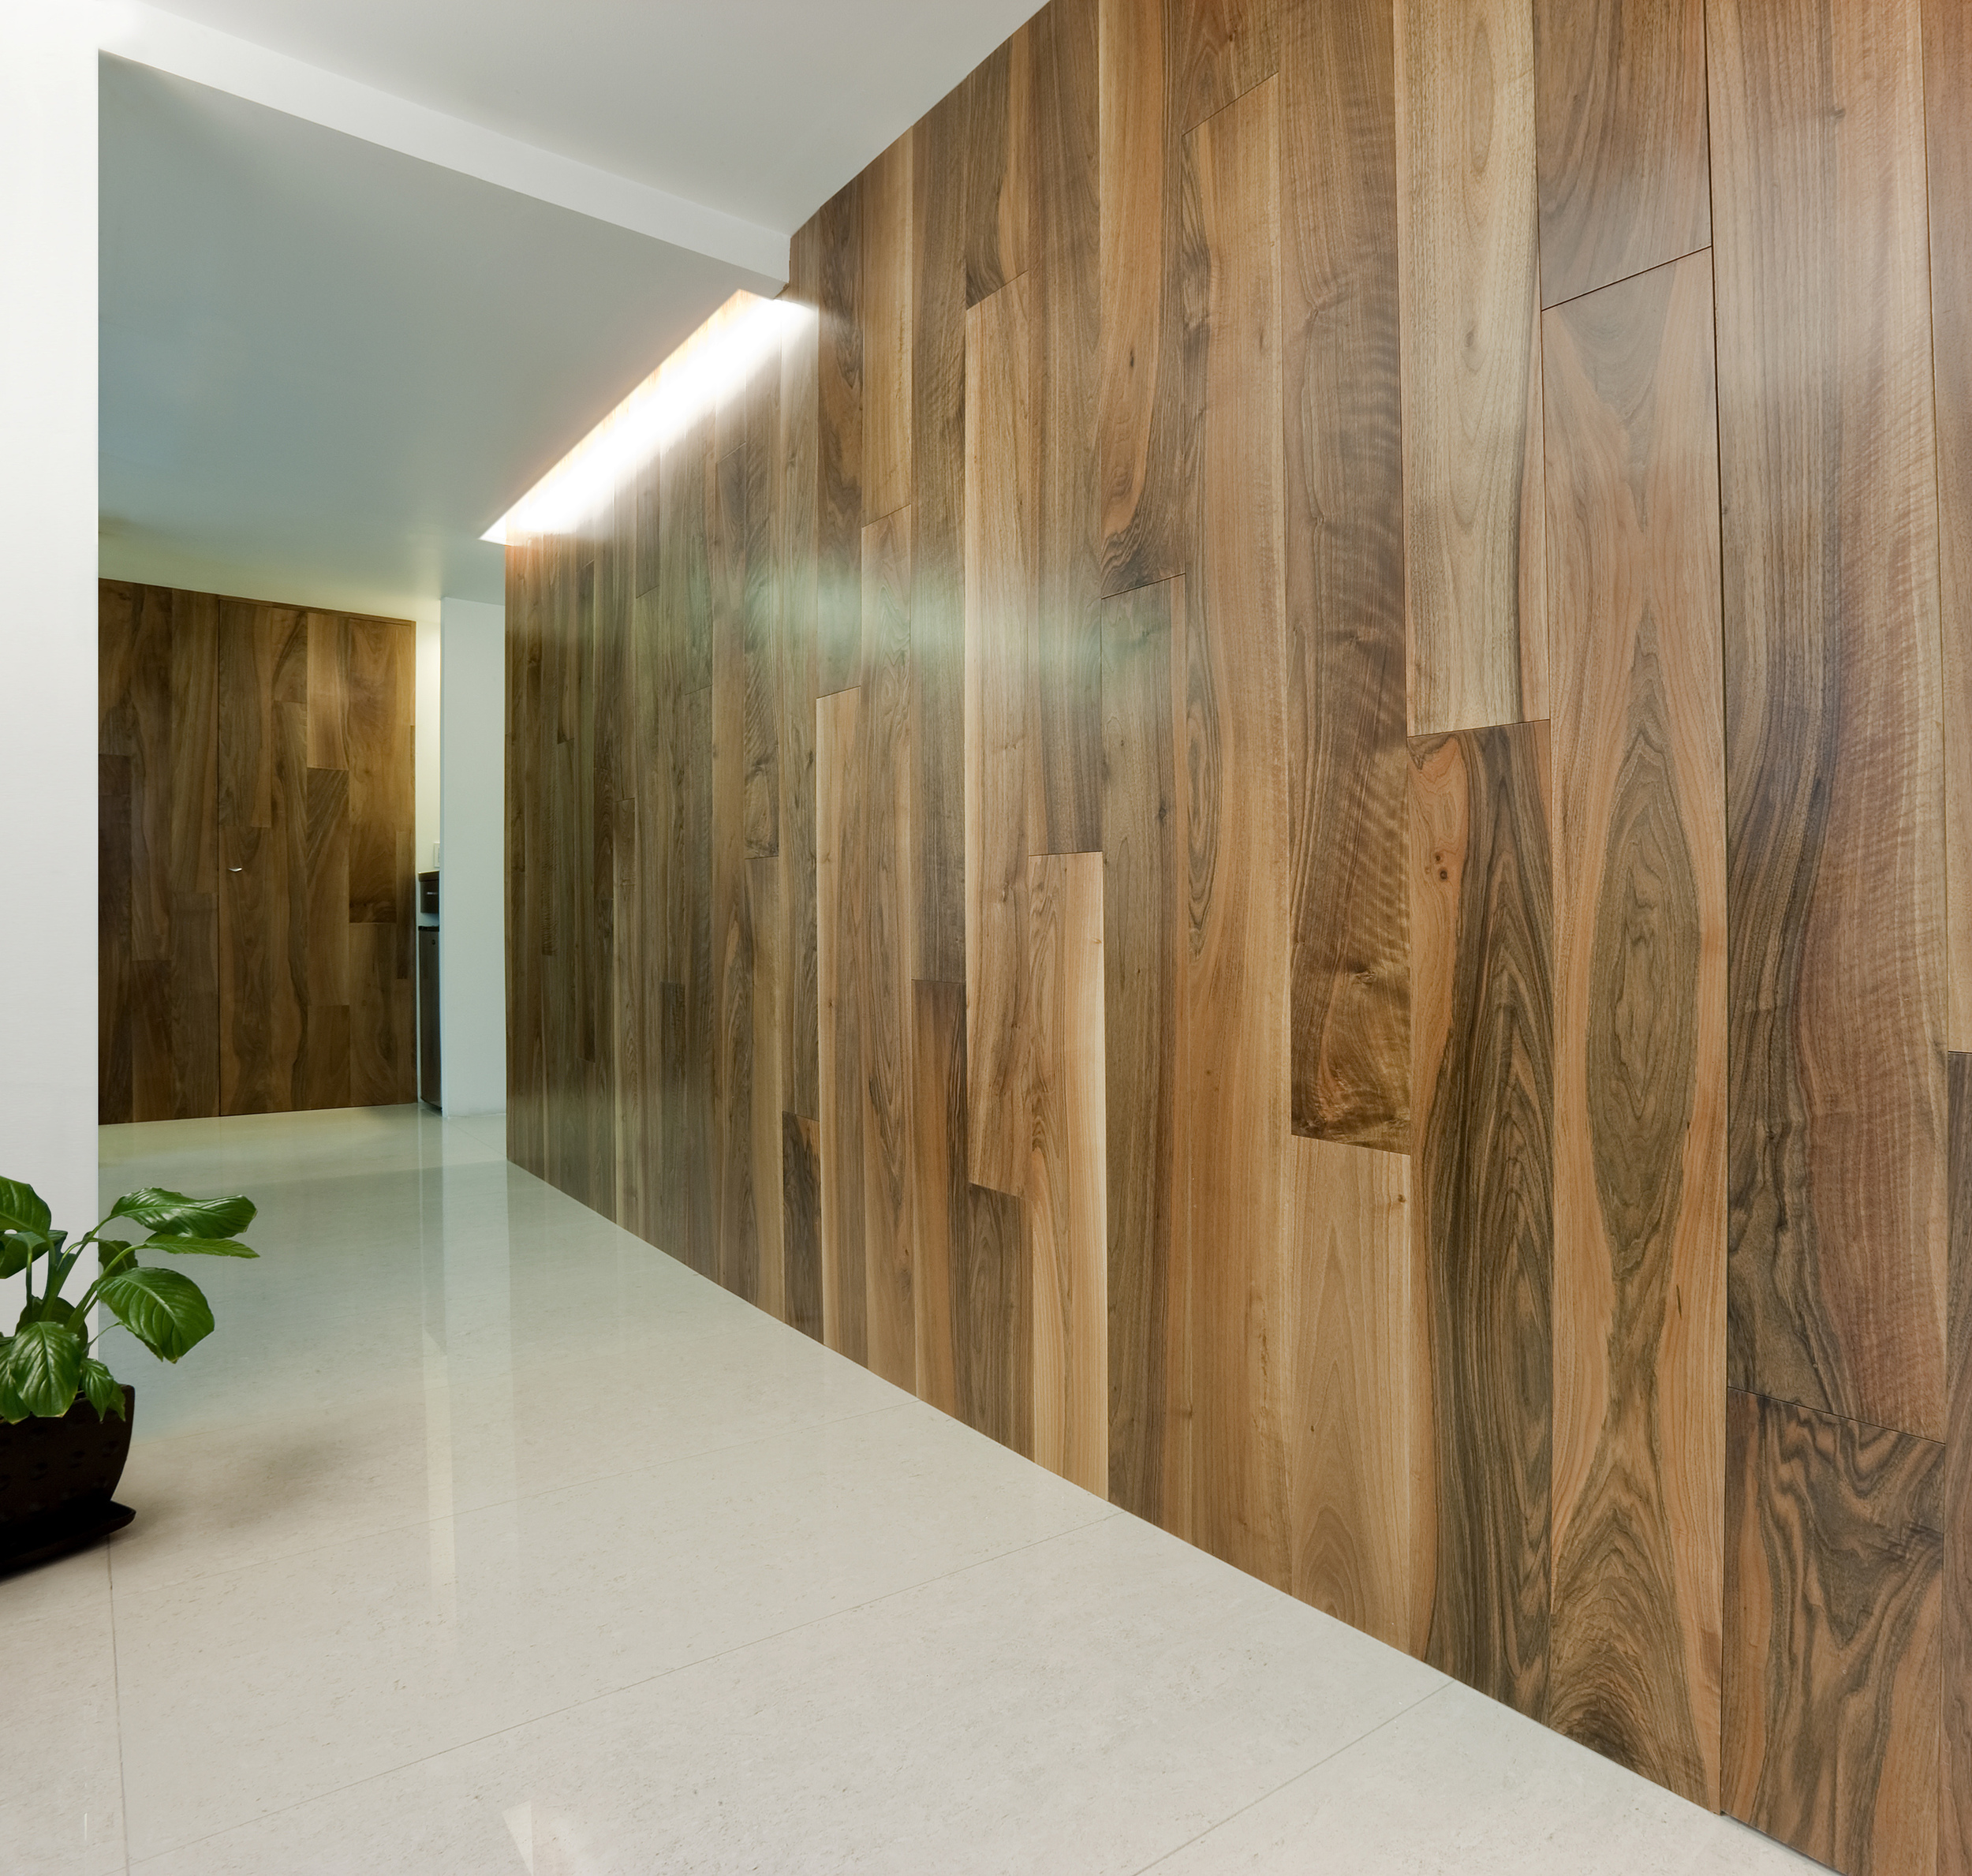 Wall and doors in AA European Walnut